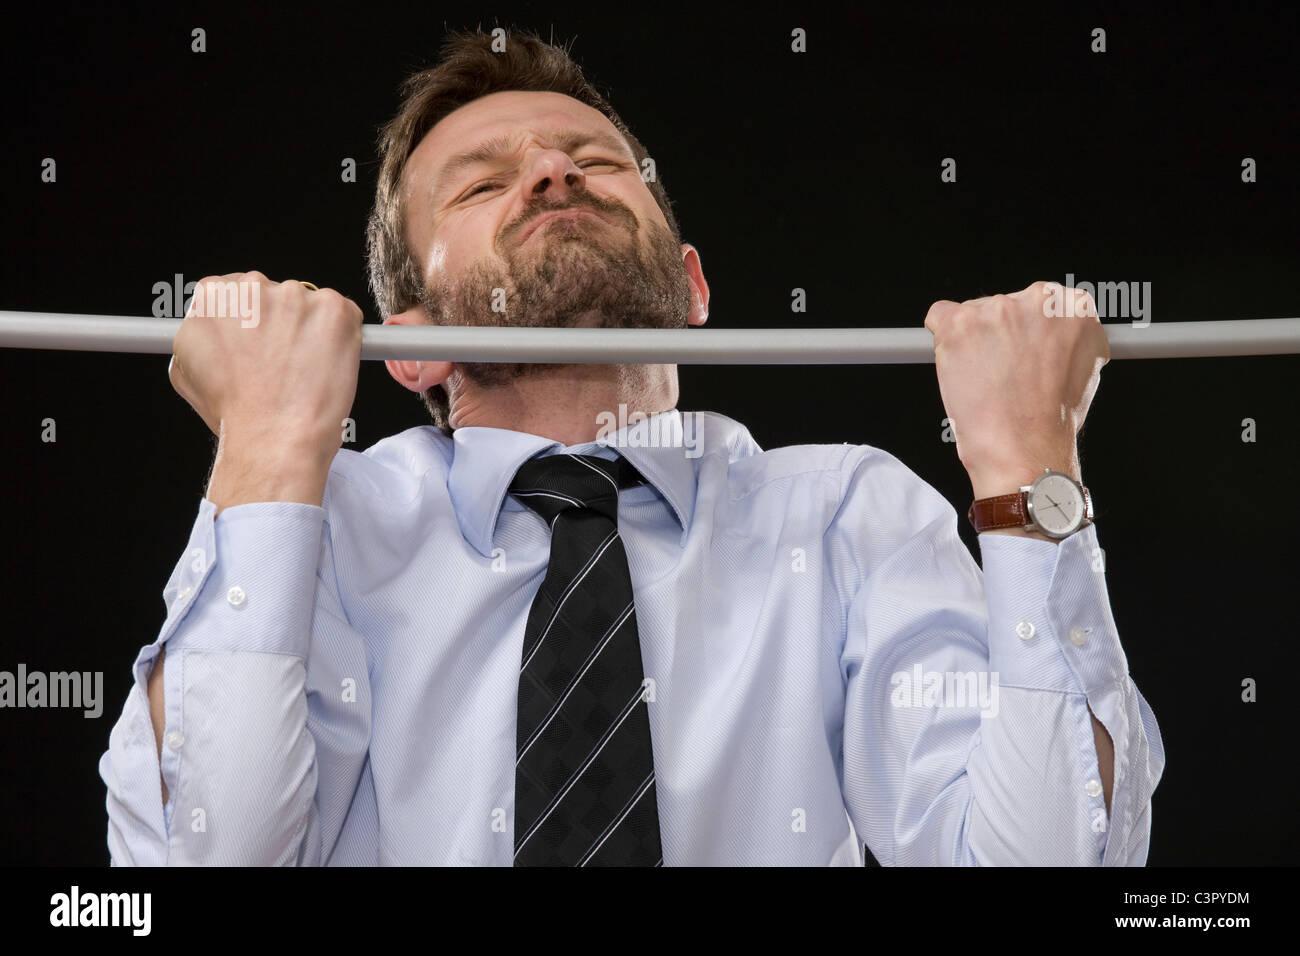 Geschäftsmann tun Klimmzüge, close-up Stockbild